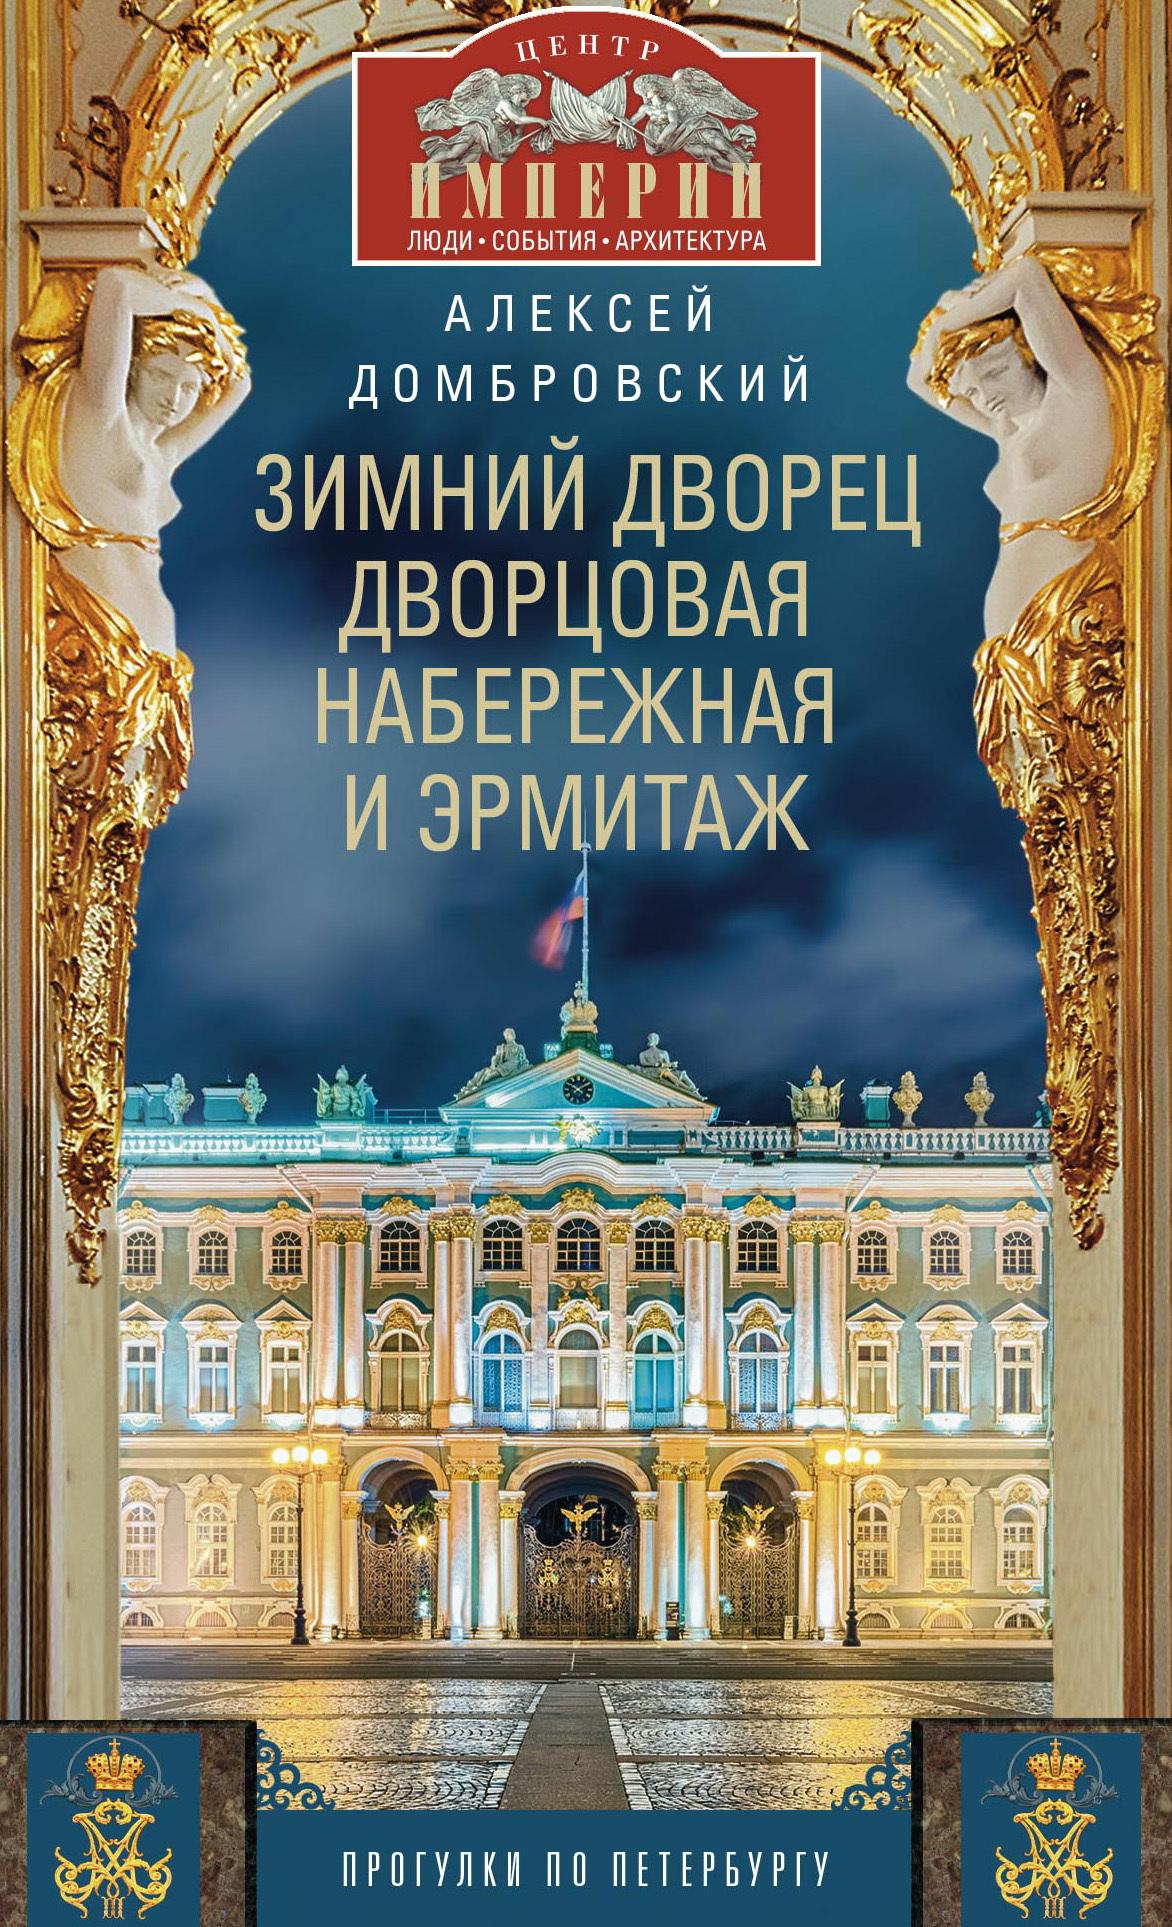 Алексей Домбровский - Зимний дворец, Дворцовая набережная и Эрмитаж. Прогулки по Петербургу